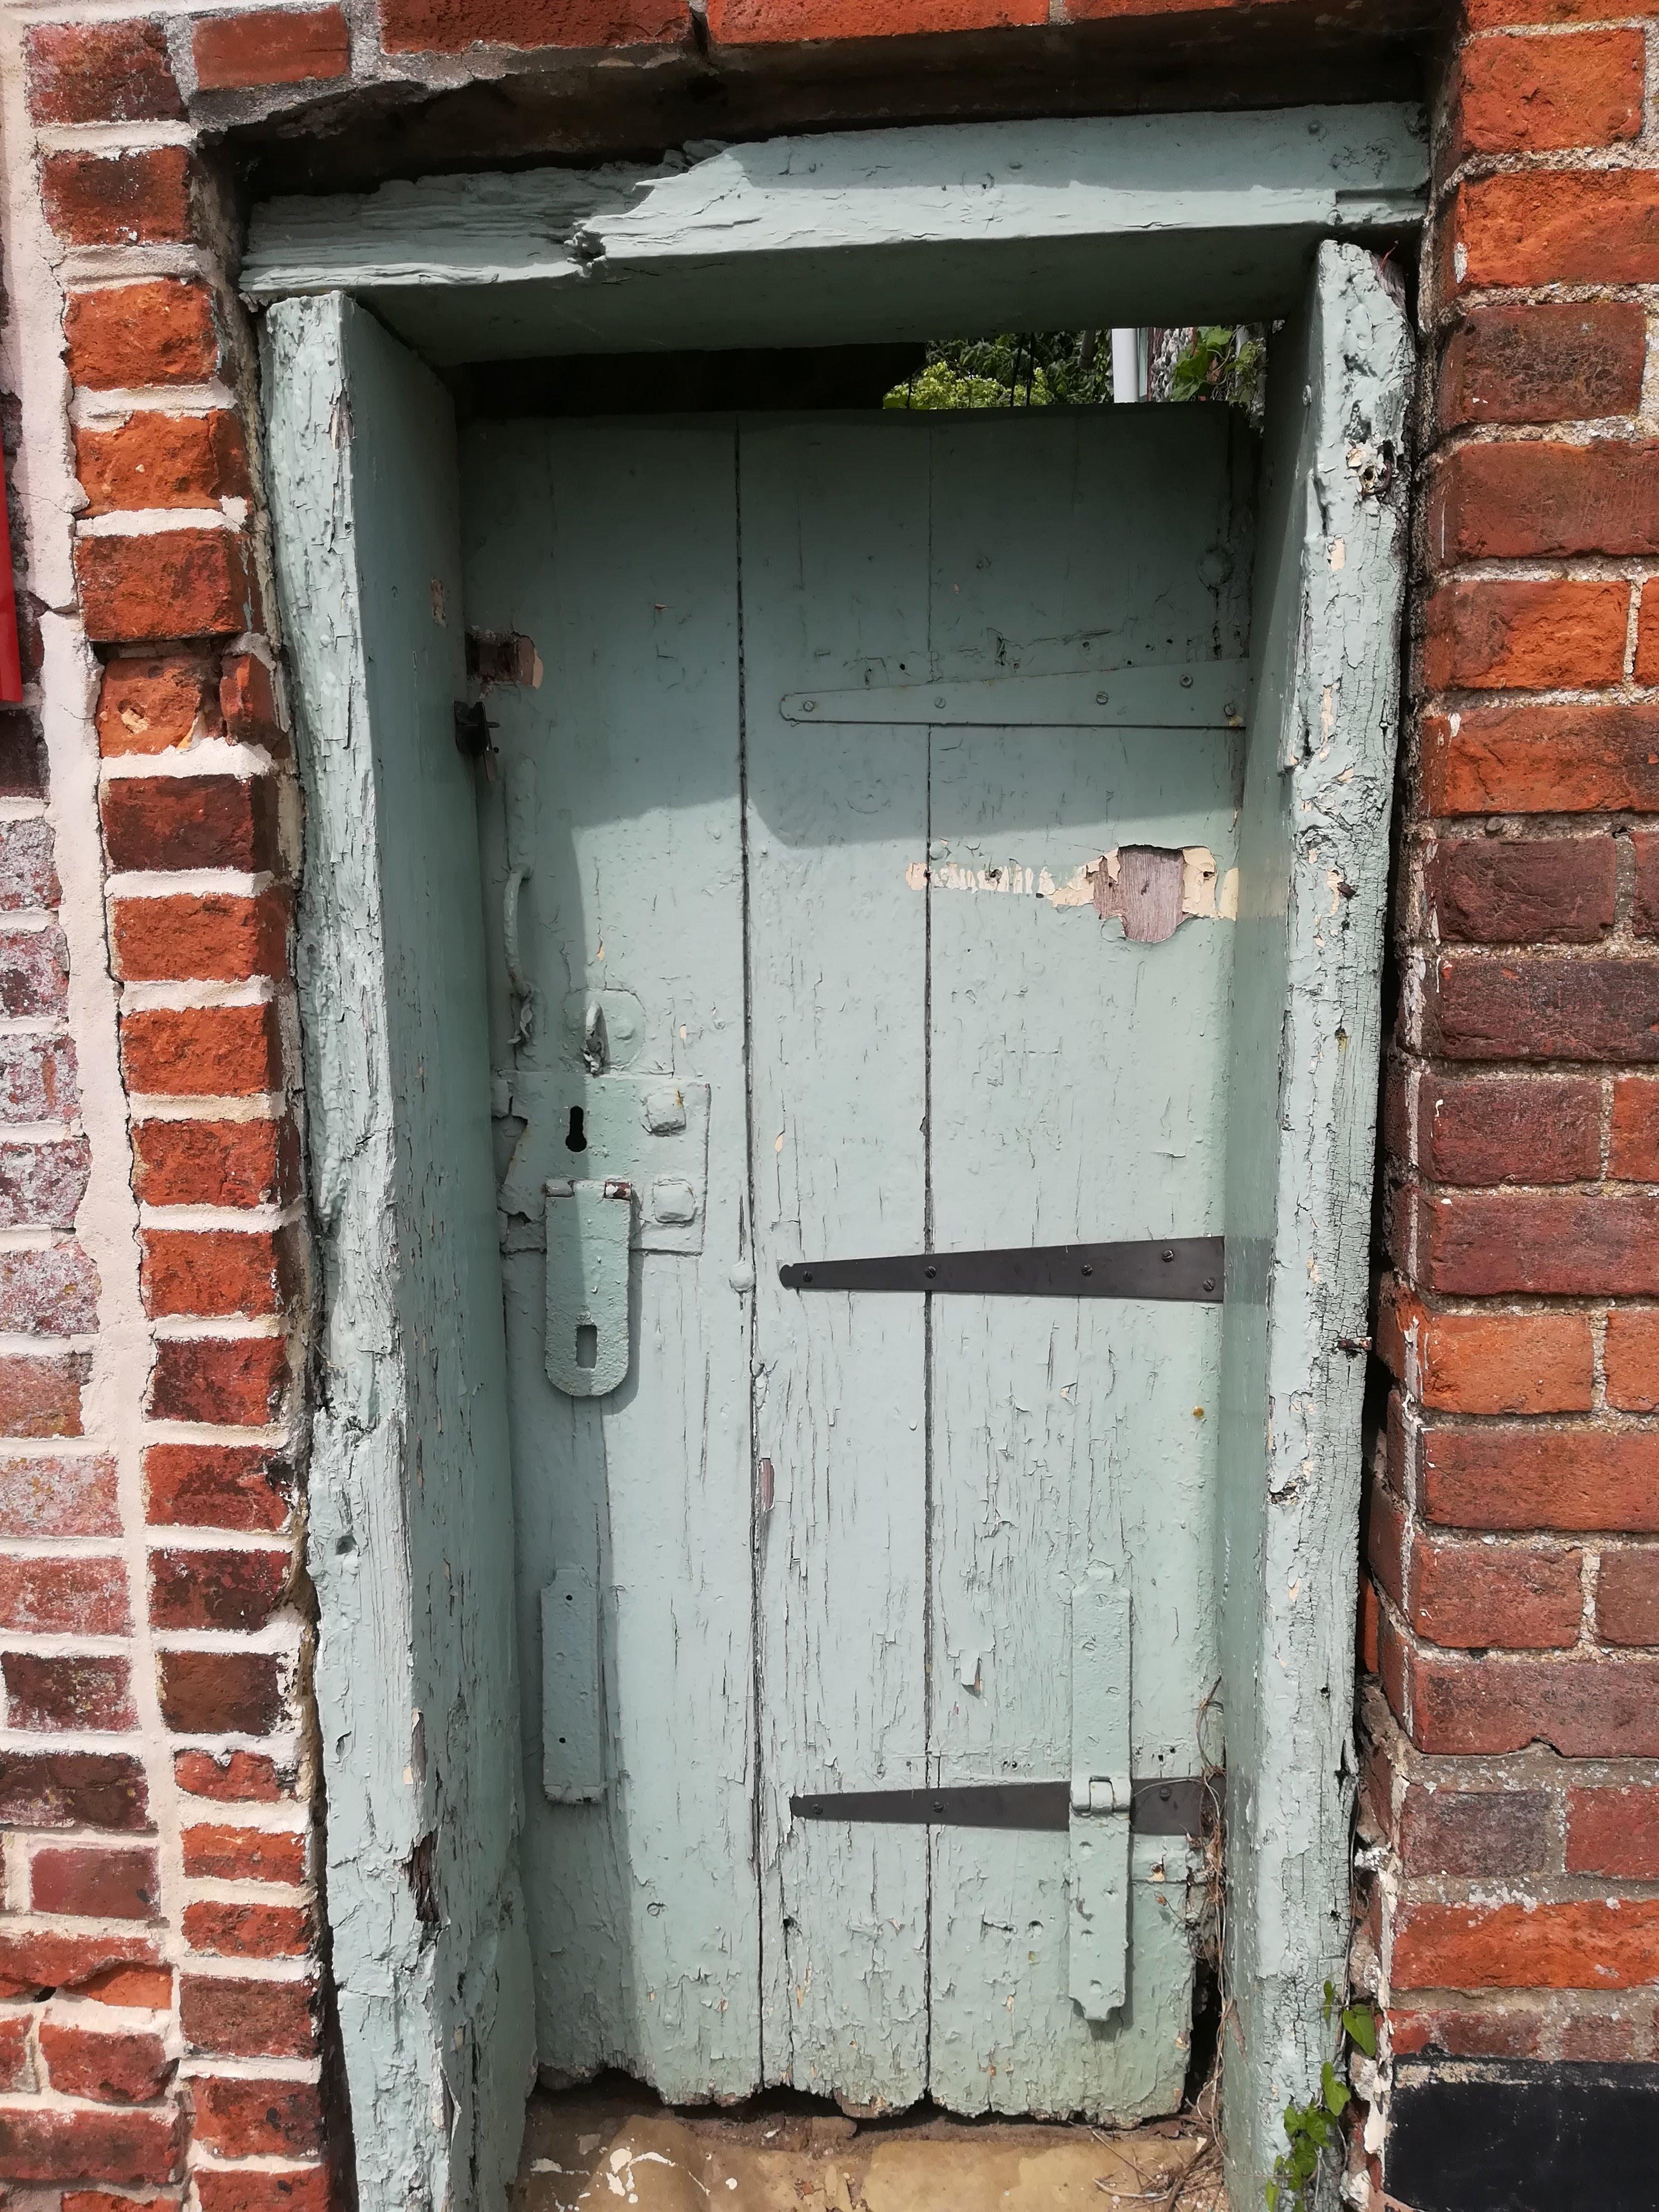 Close up of lock-up door